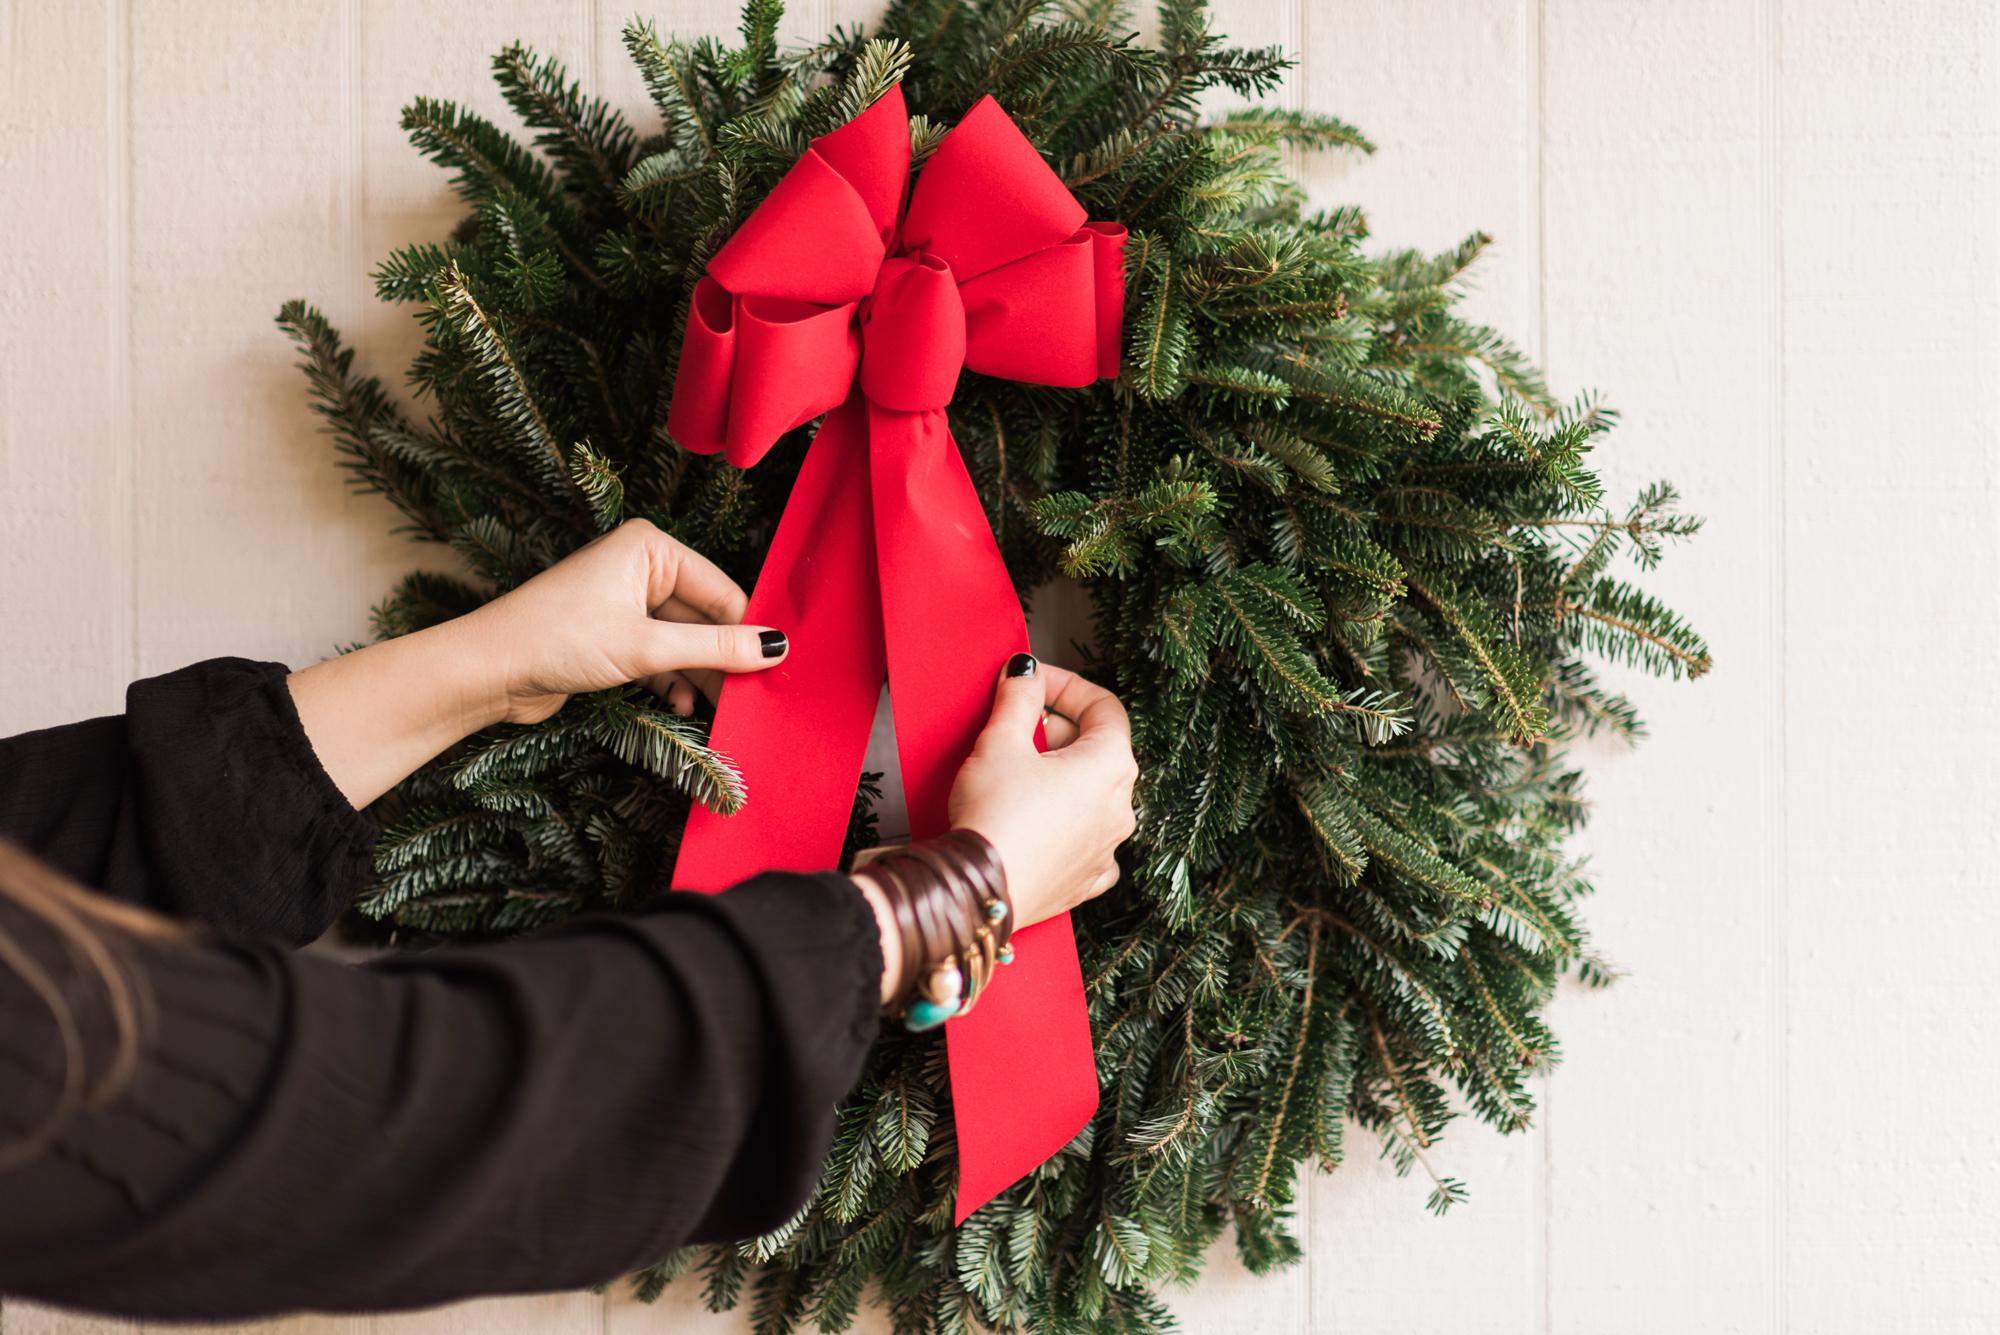 Holiday Family Photo Shoot - Christmas Wreath